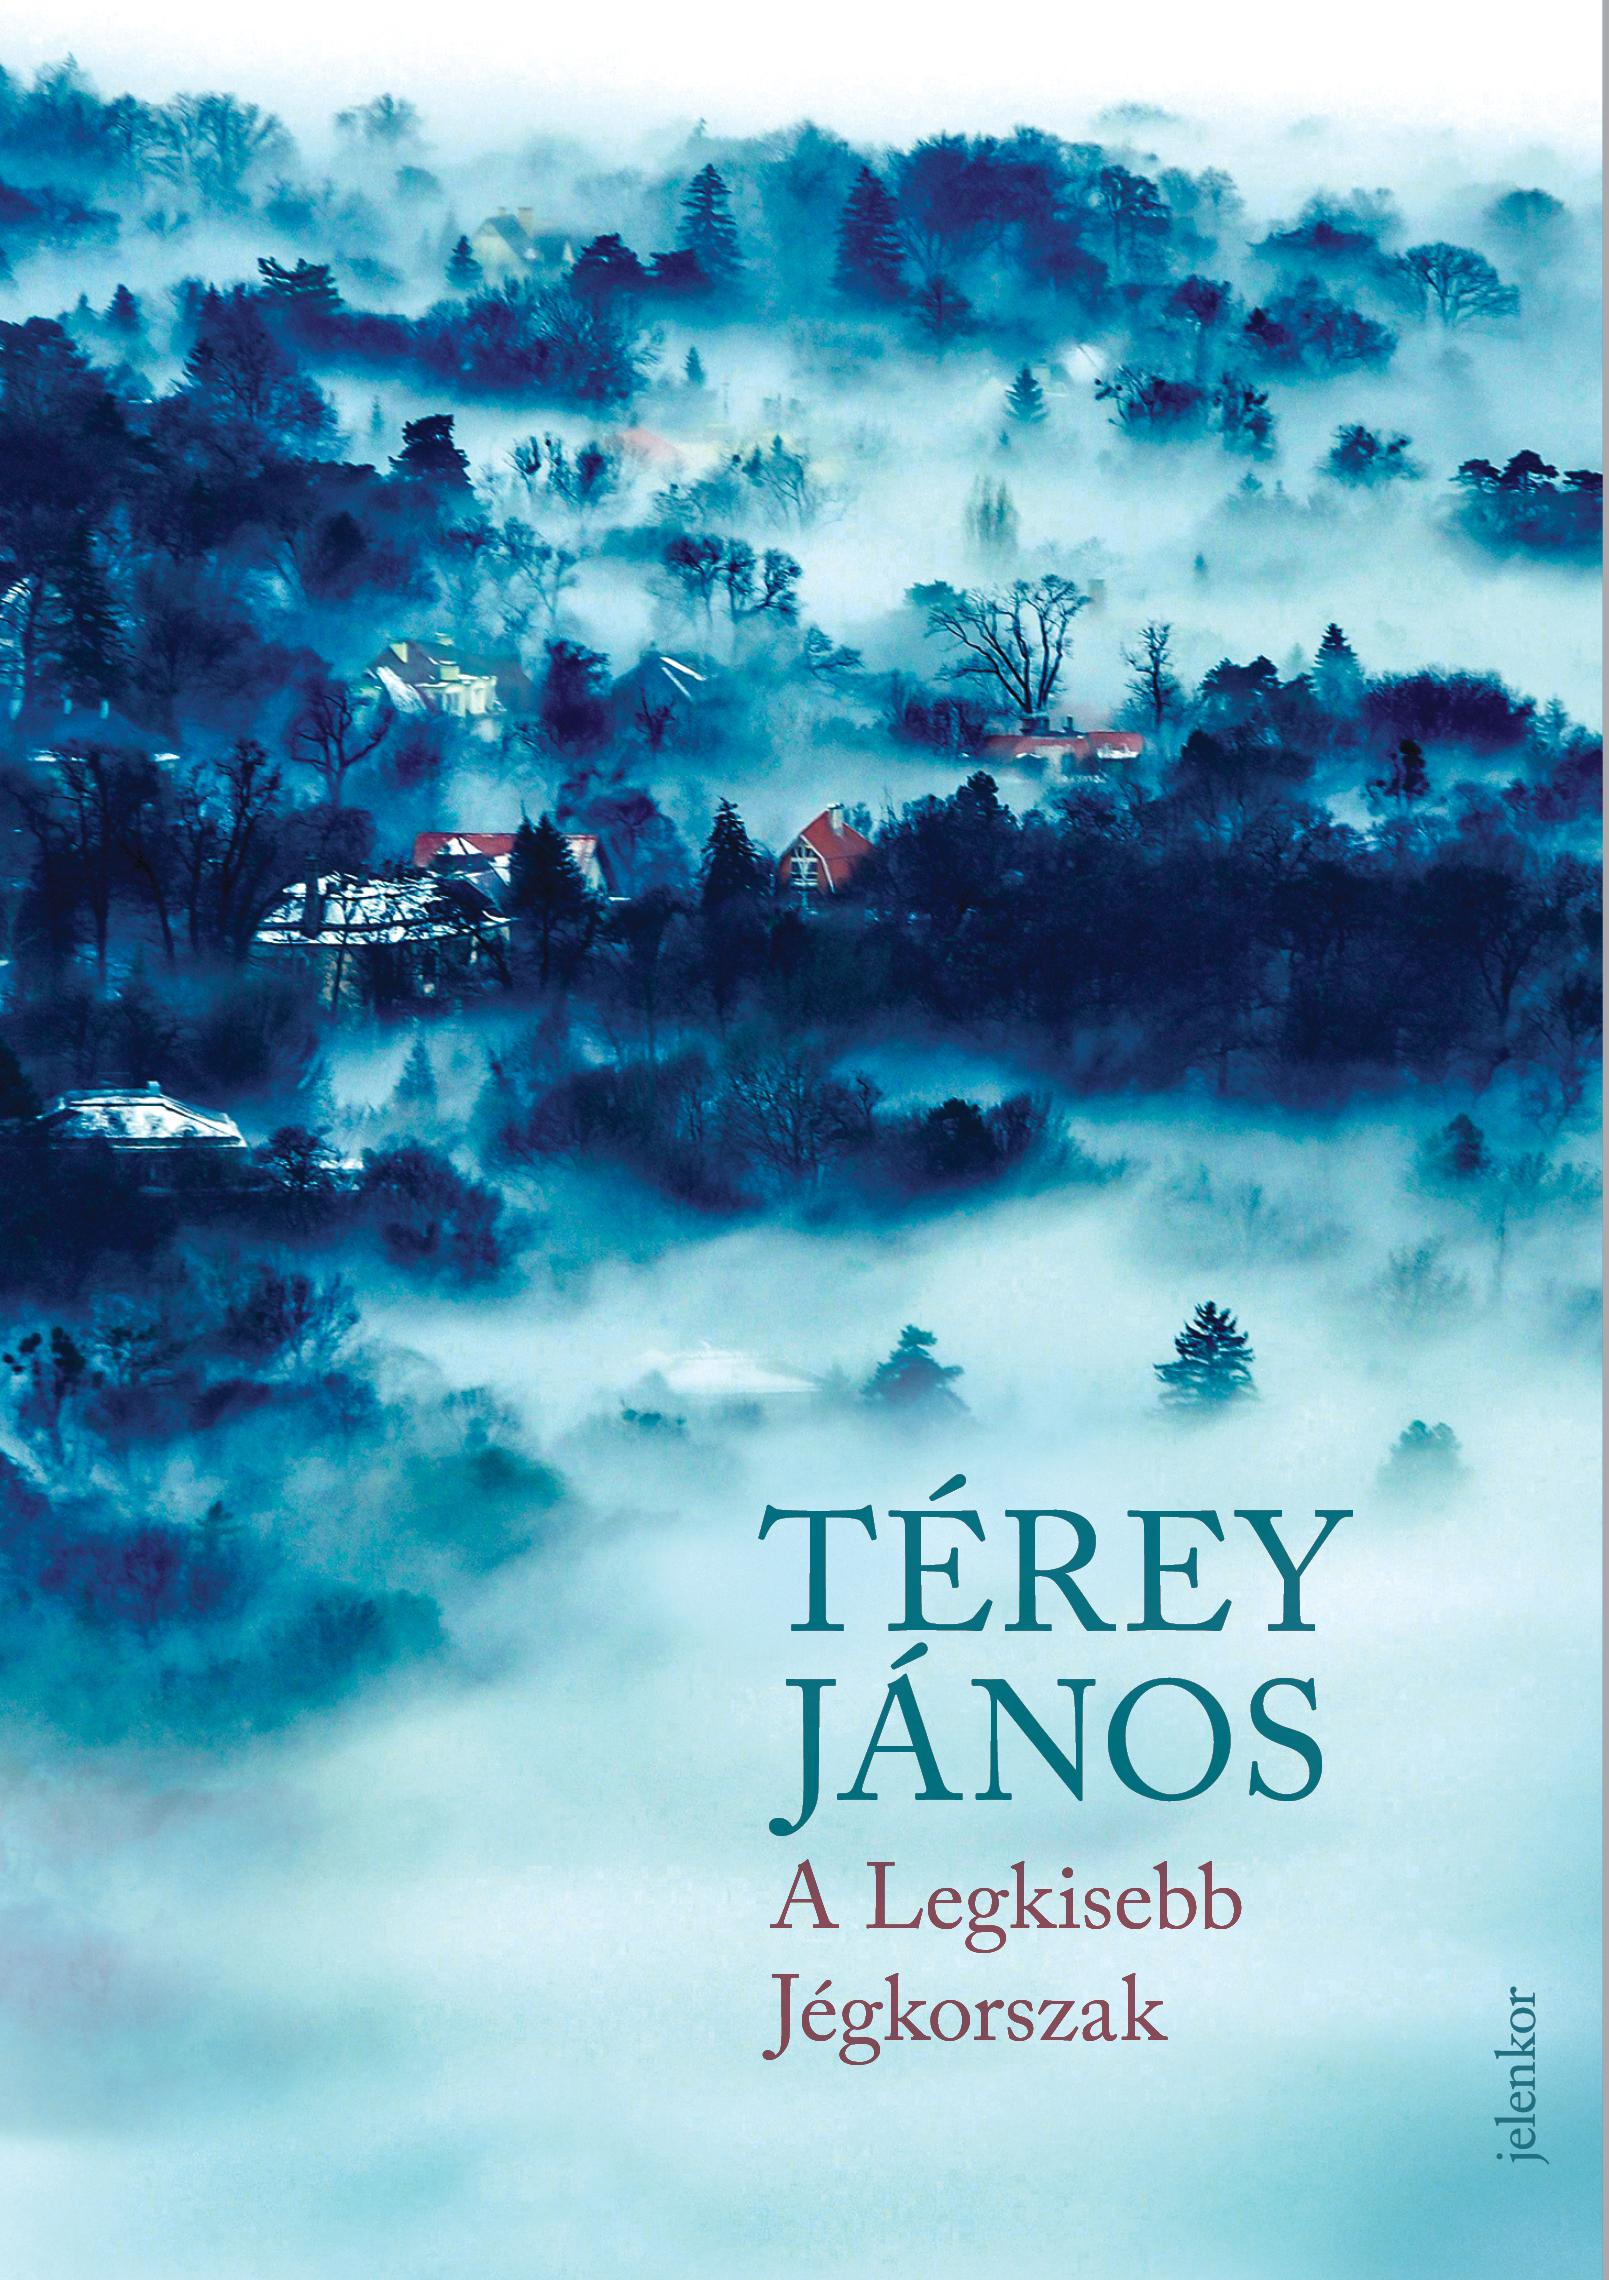 Terey,J_ALegkisebbJegkorszak_300dpi